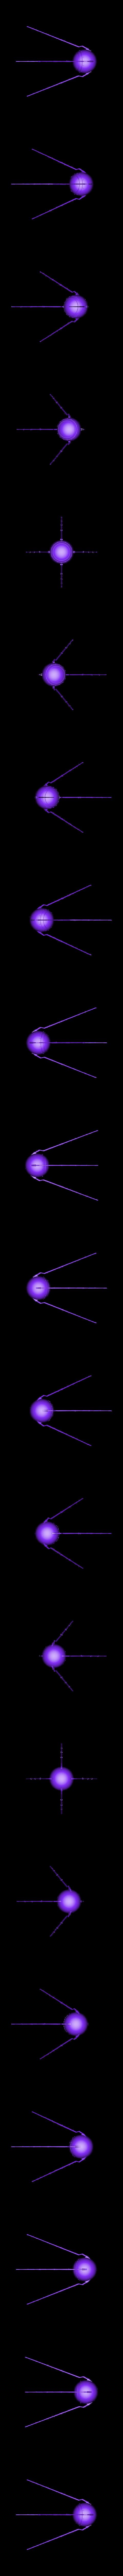 Sputnik1_whole.stl Télécharger fichier STL gratuit Sputnik1 / Спутник-1 • Modèle imprimable en 3D, tone001